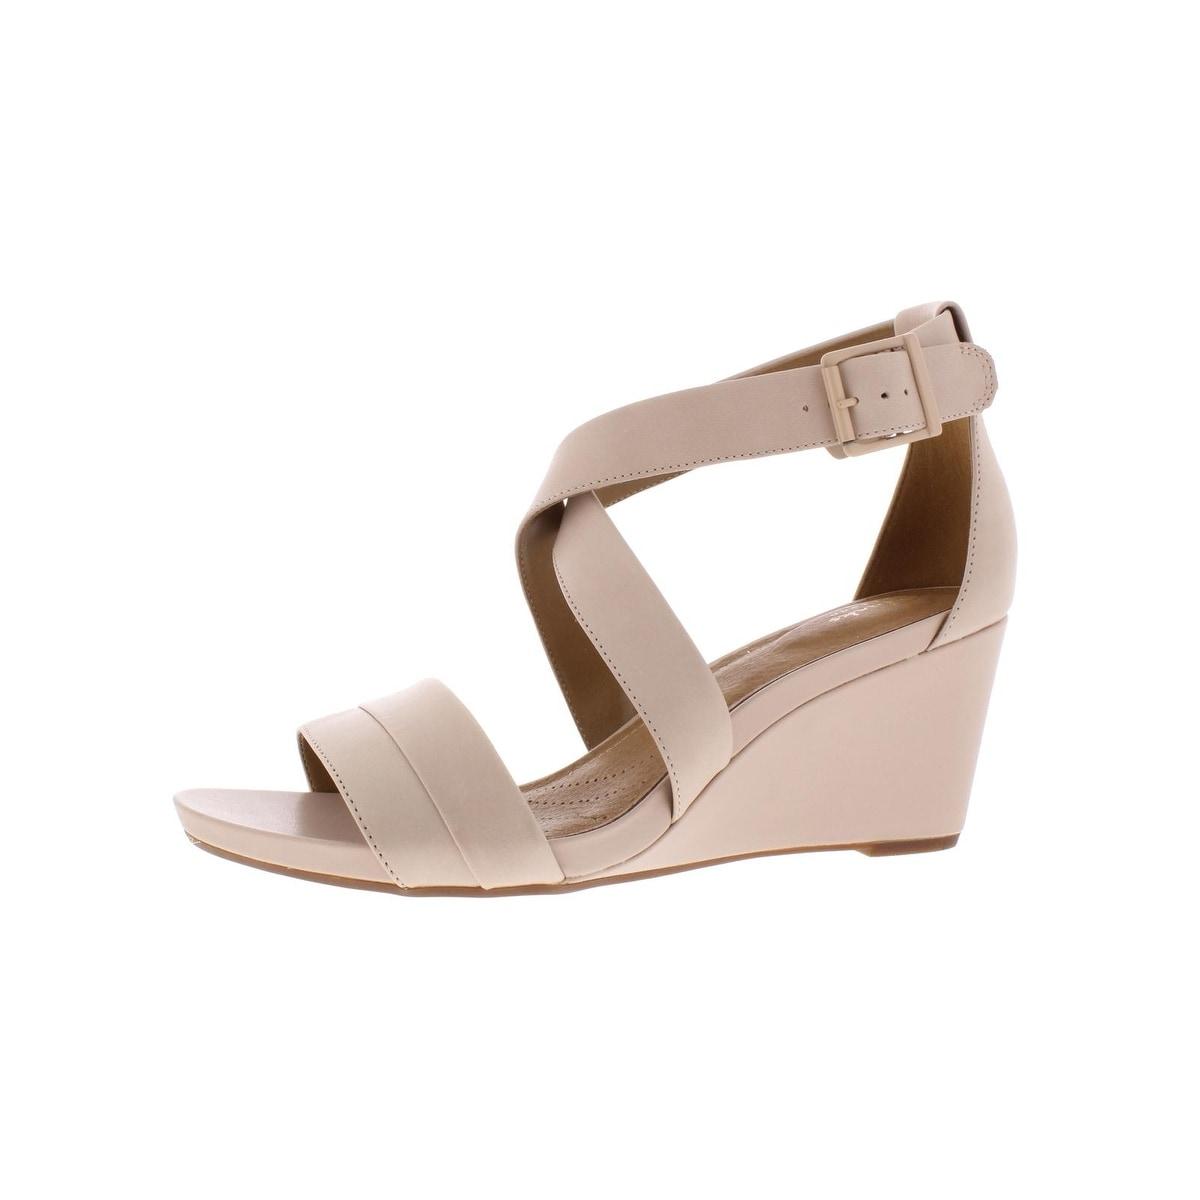 Clarks Womens Acina Newport Wedges Leather Heels